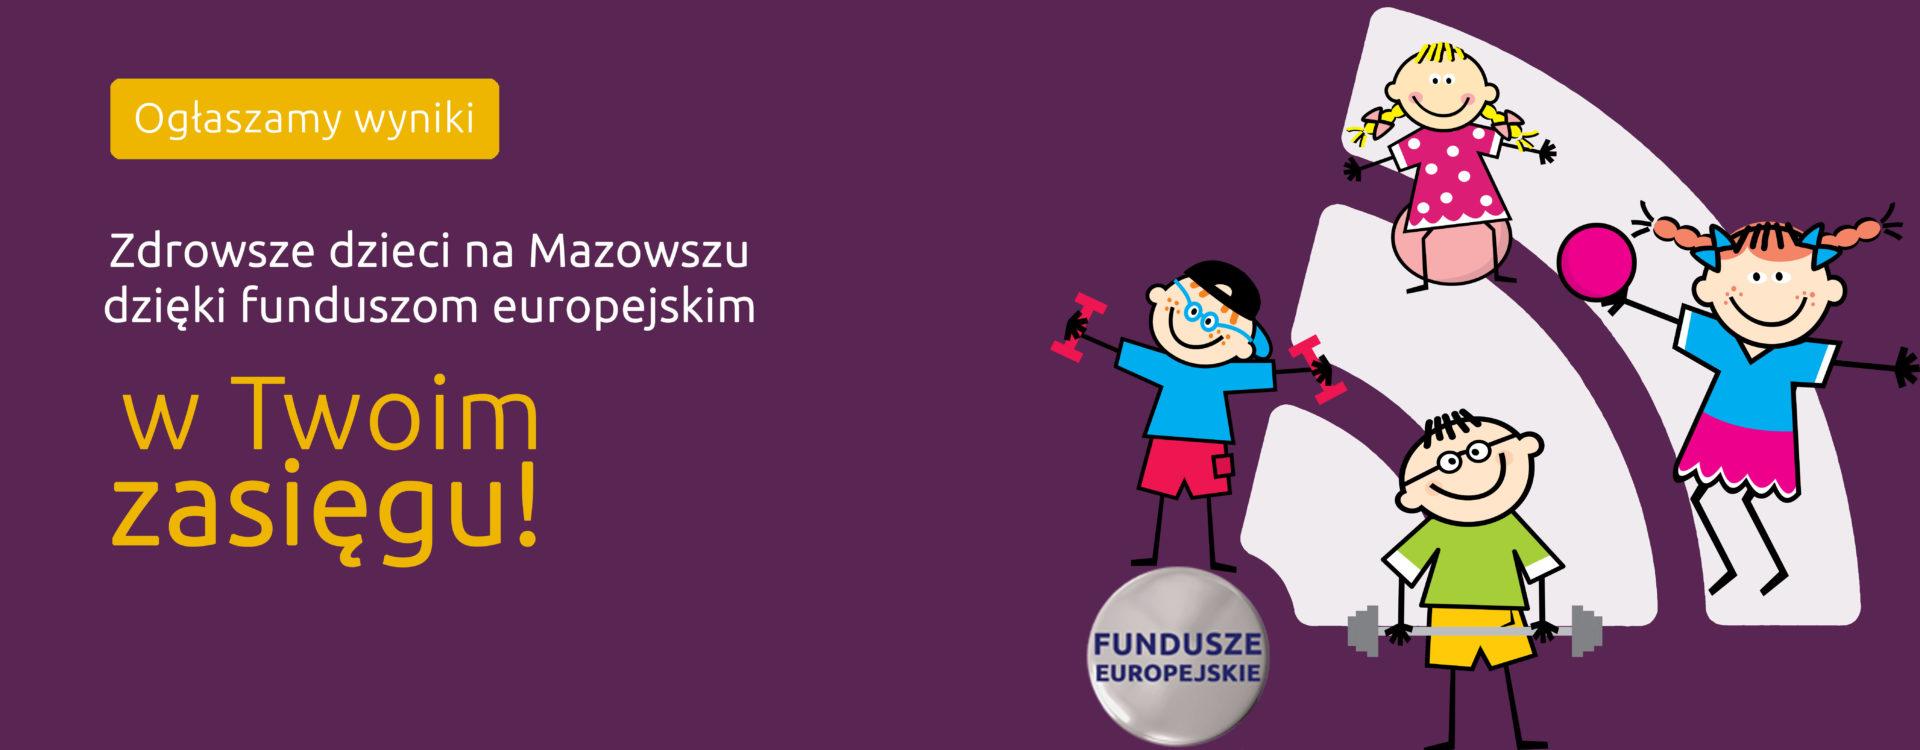 Wsparcie unijne dla